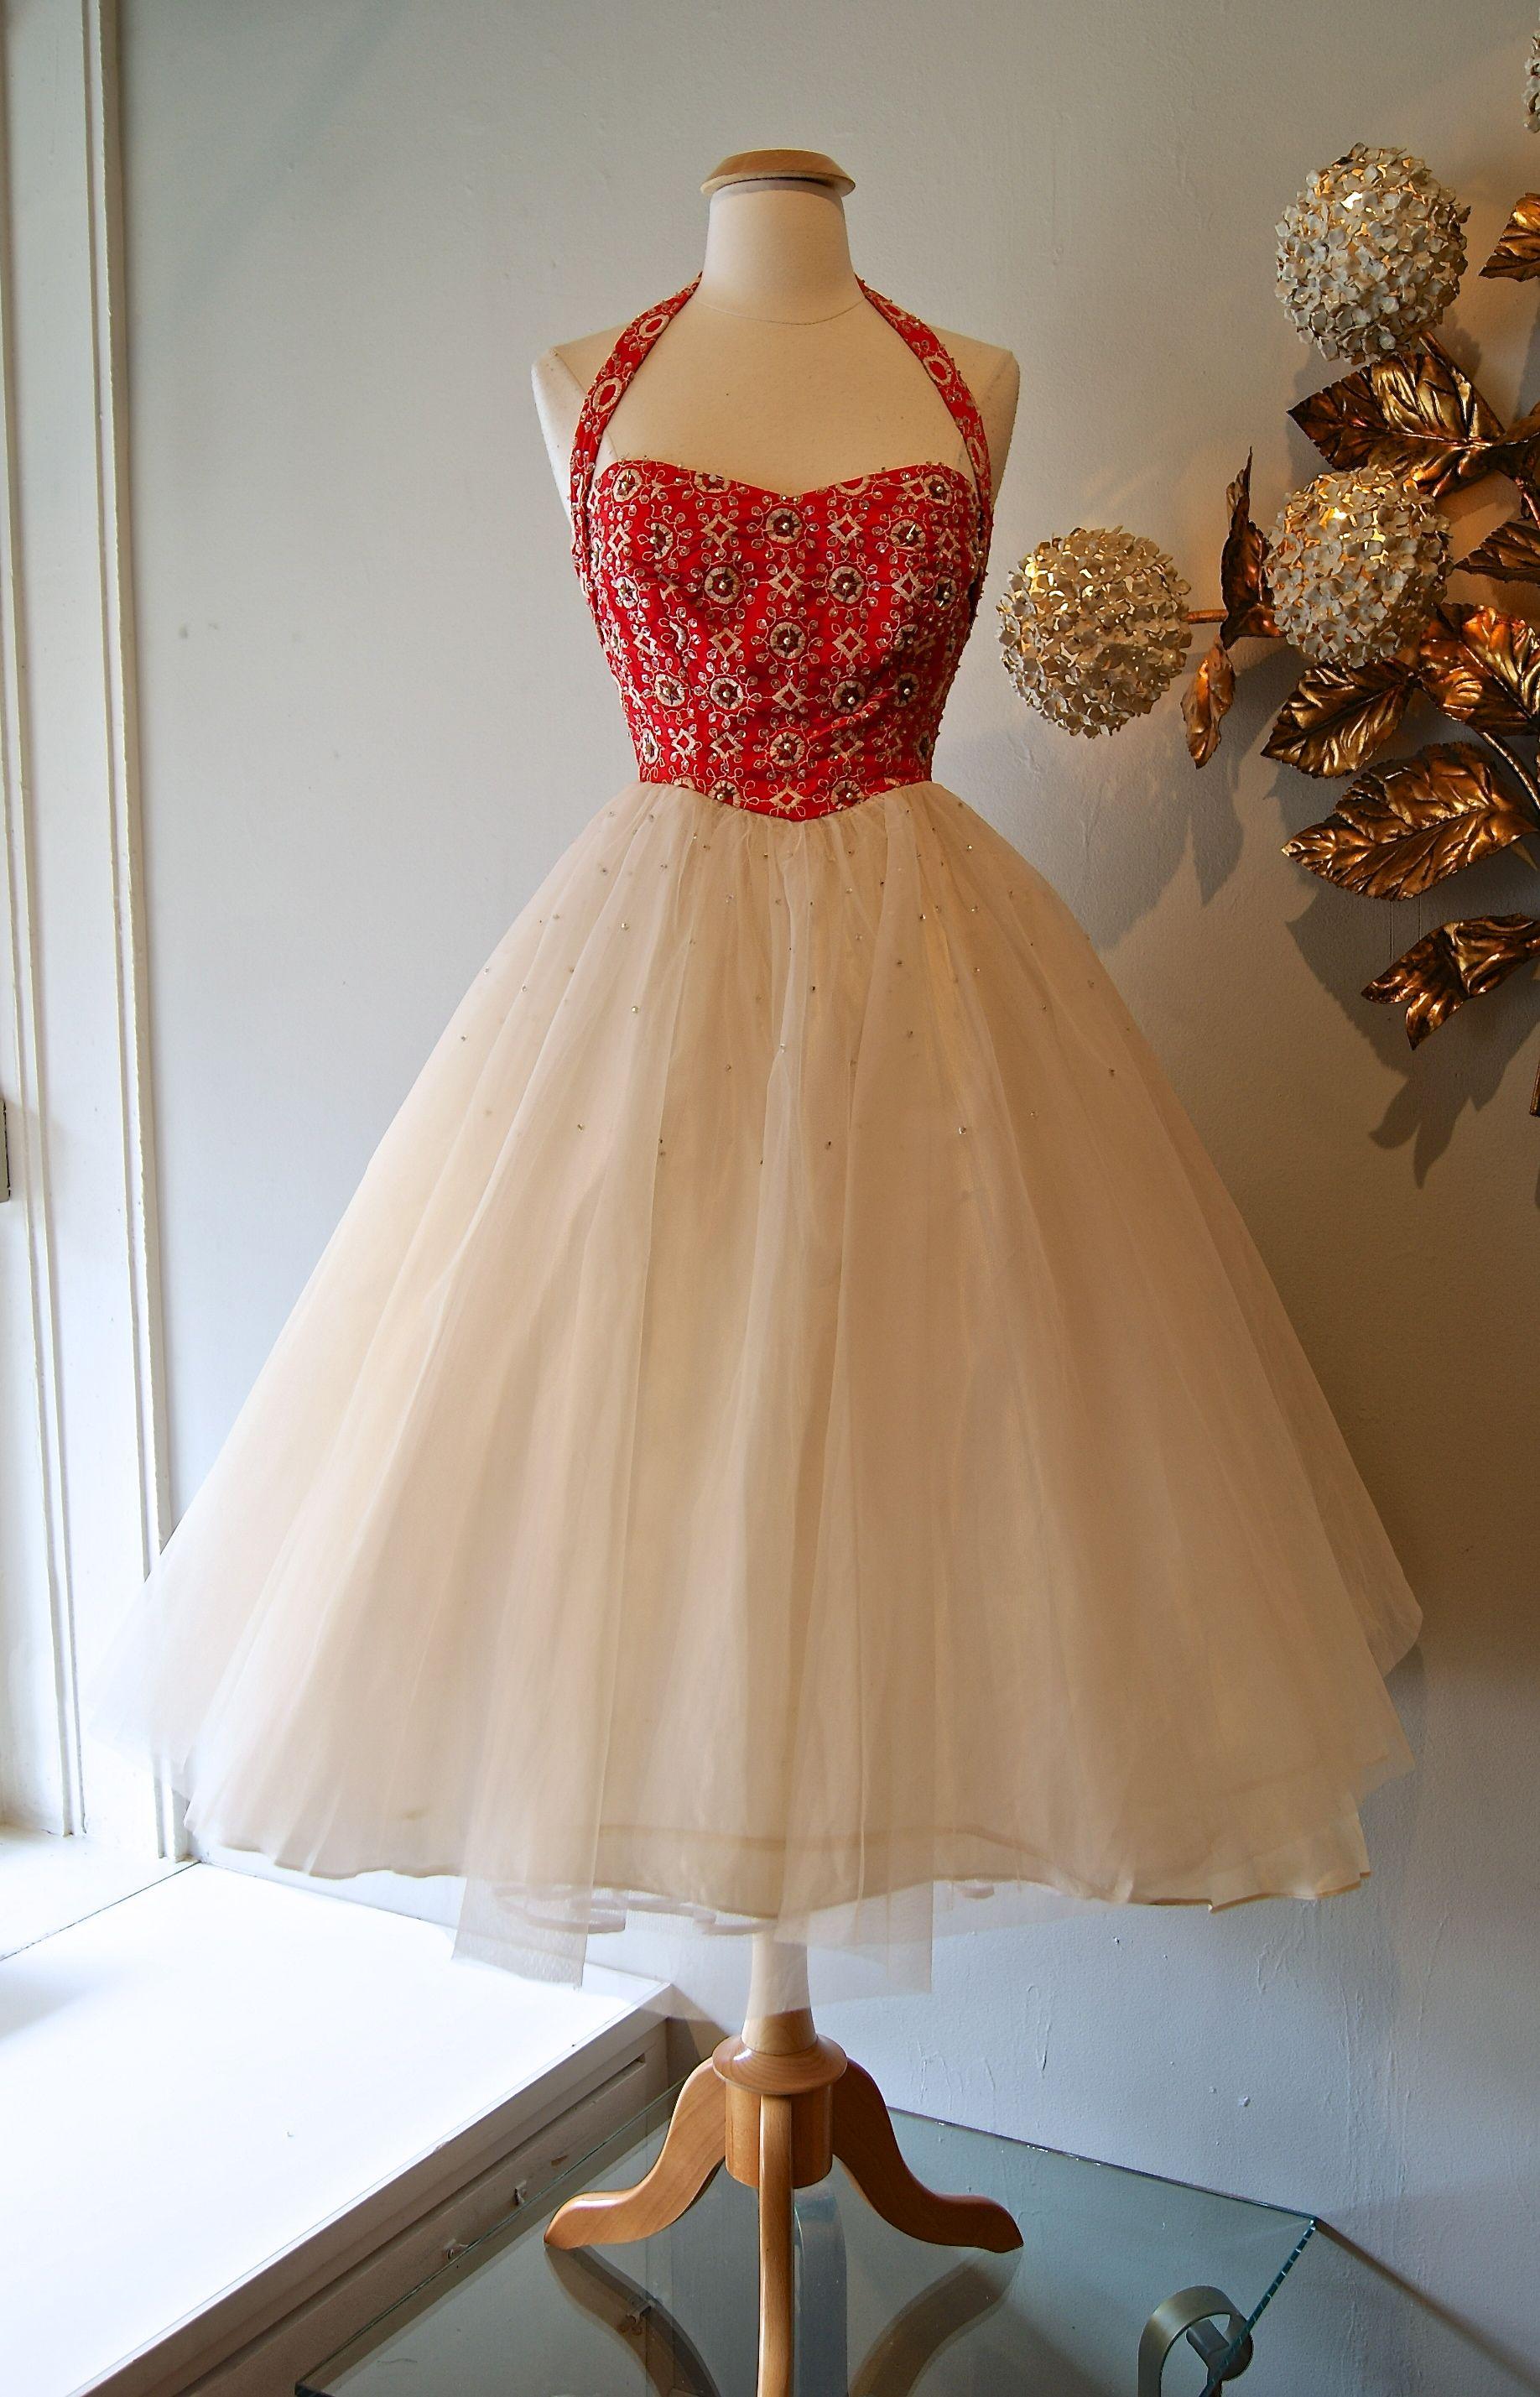 Vintage Dress 1950 S Prom Dress Vintage Prom Dress At Xtabay Vestidos De 1950 Vestidos De Los 50 Moda De Epoca [ 2857 x 1836 Pixel ]